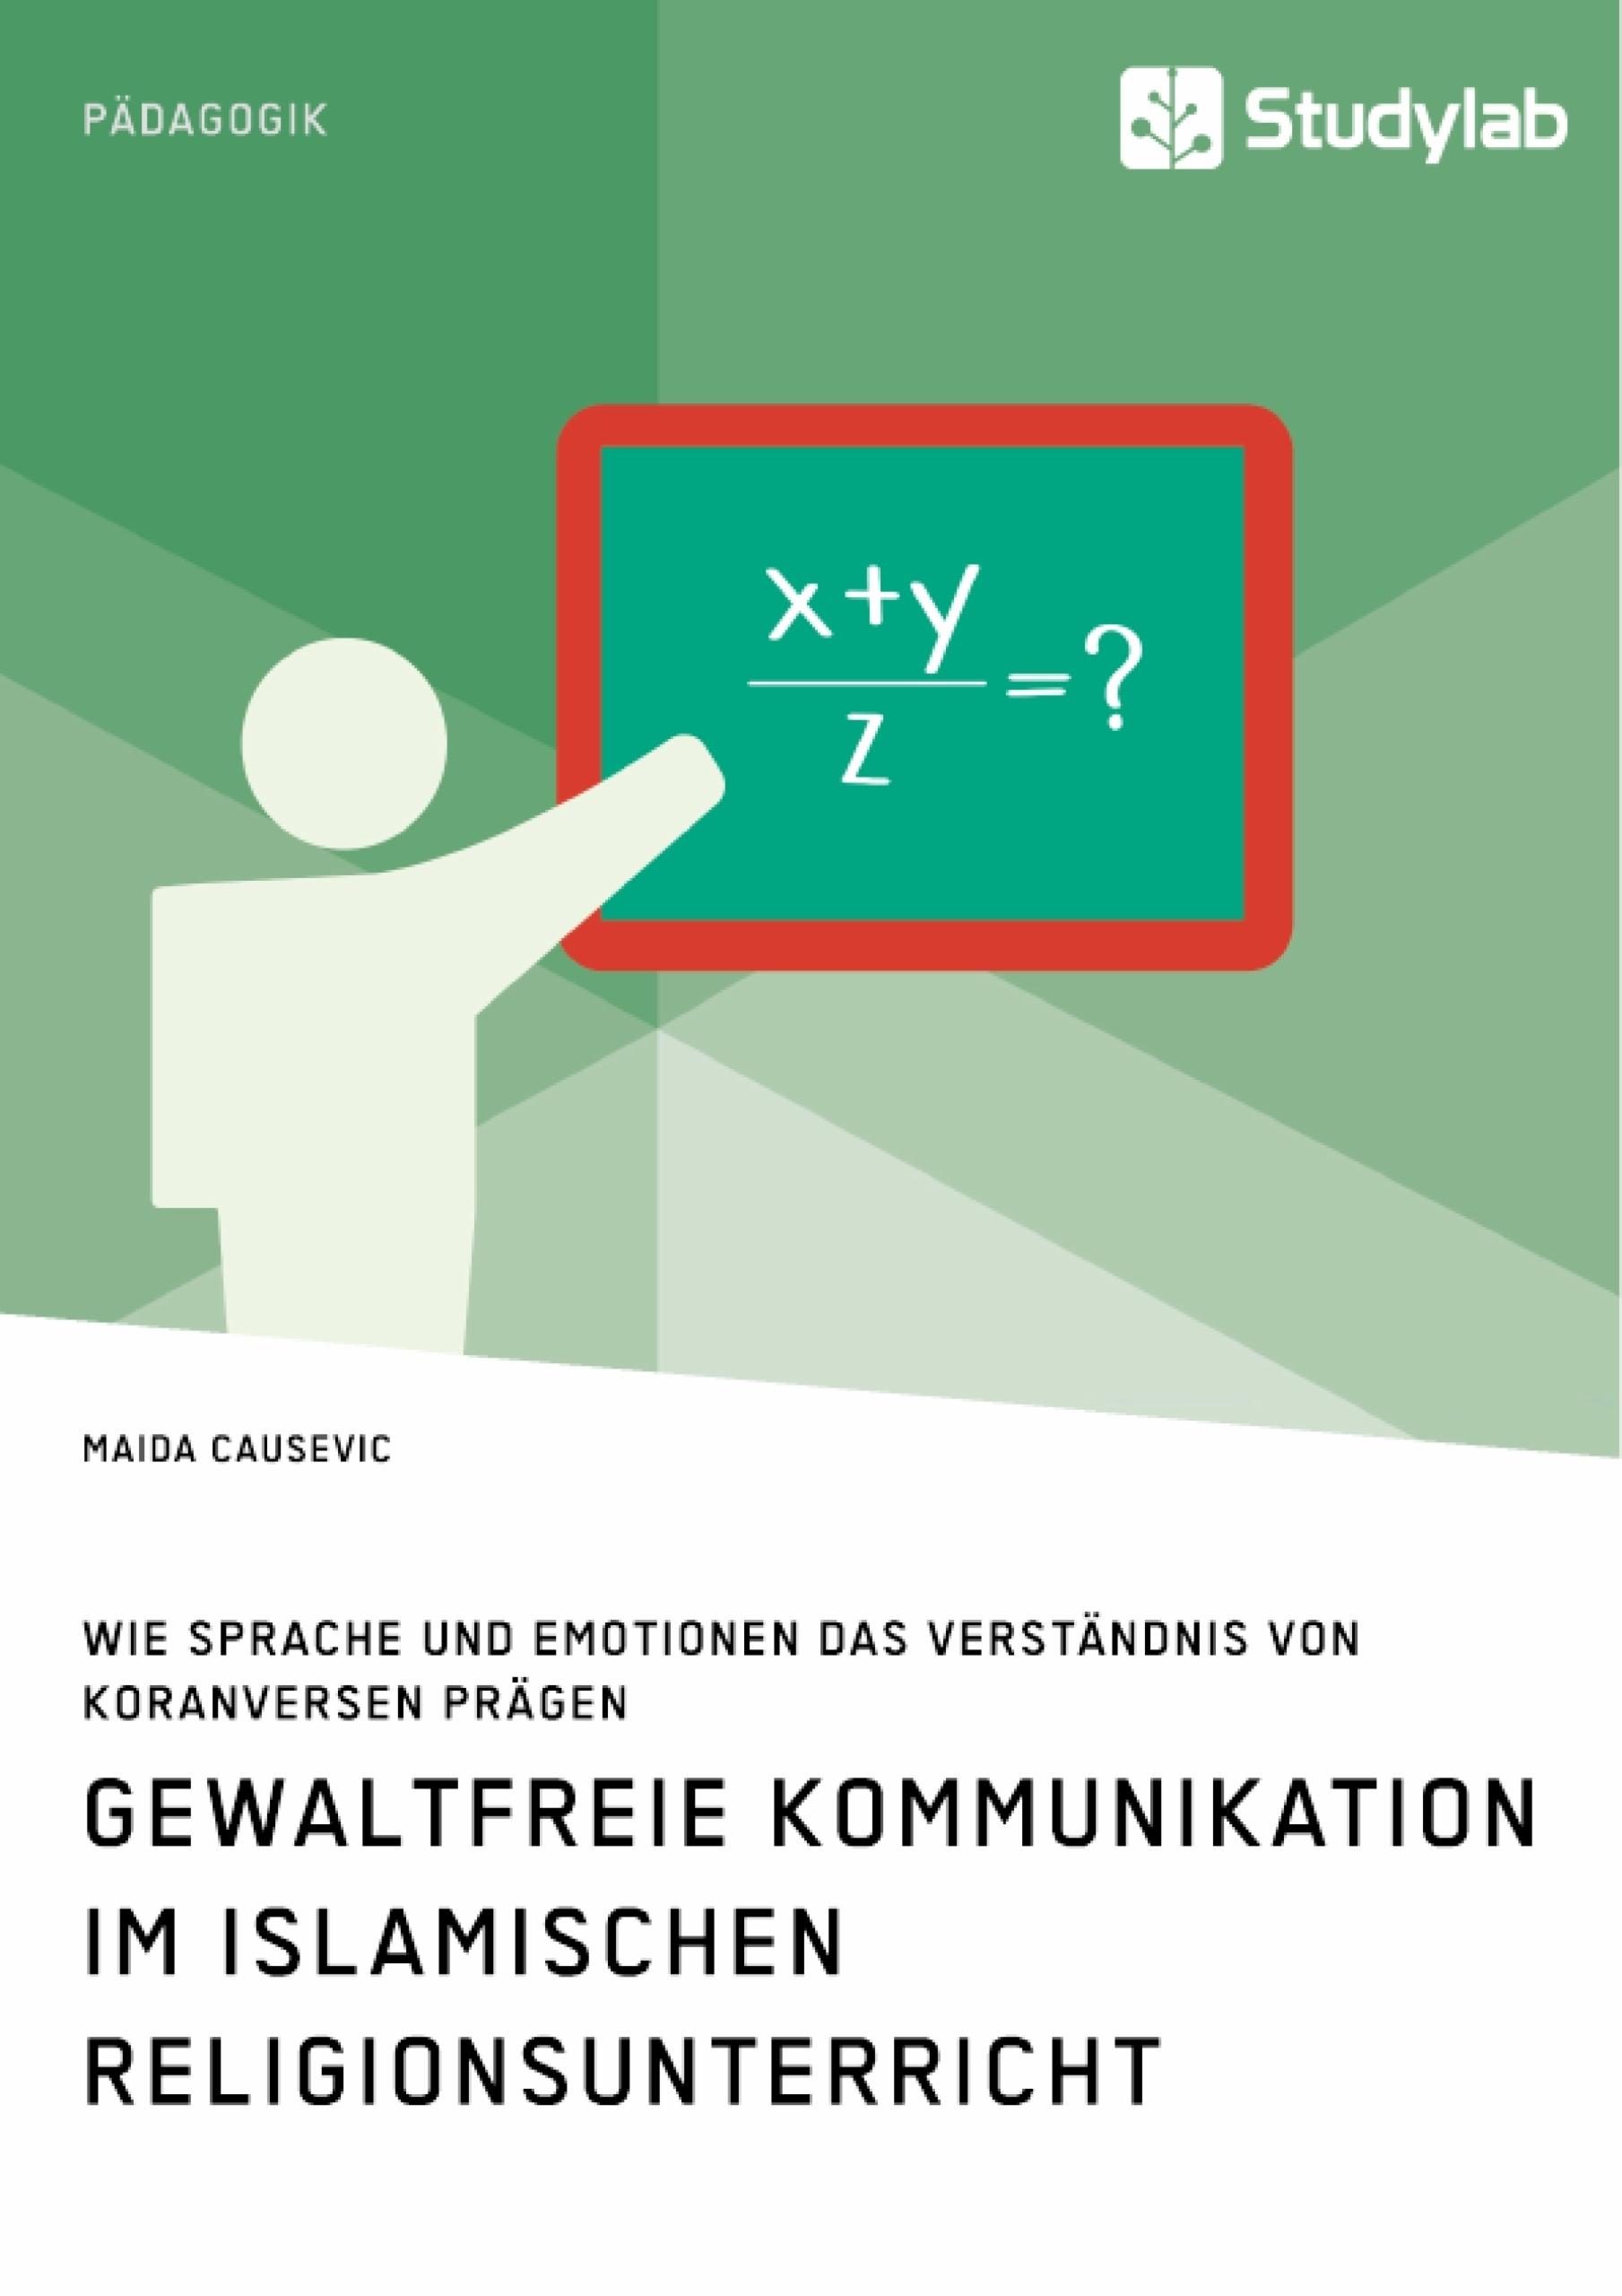 Titel: Gewaltfreie Kommunikation im Islamischen Religionsunterricht. Wie Sprache und Emotionen das Verständnis von Koranversen prägen